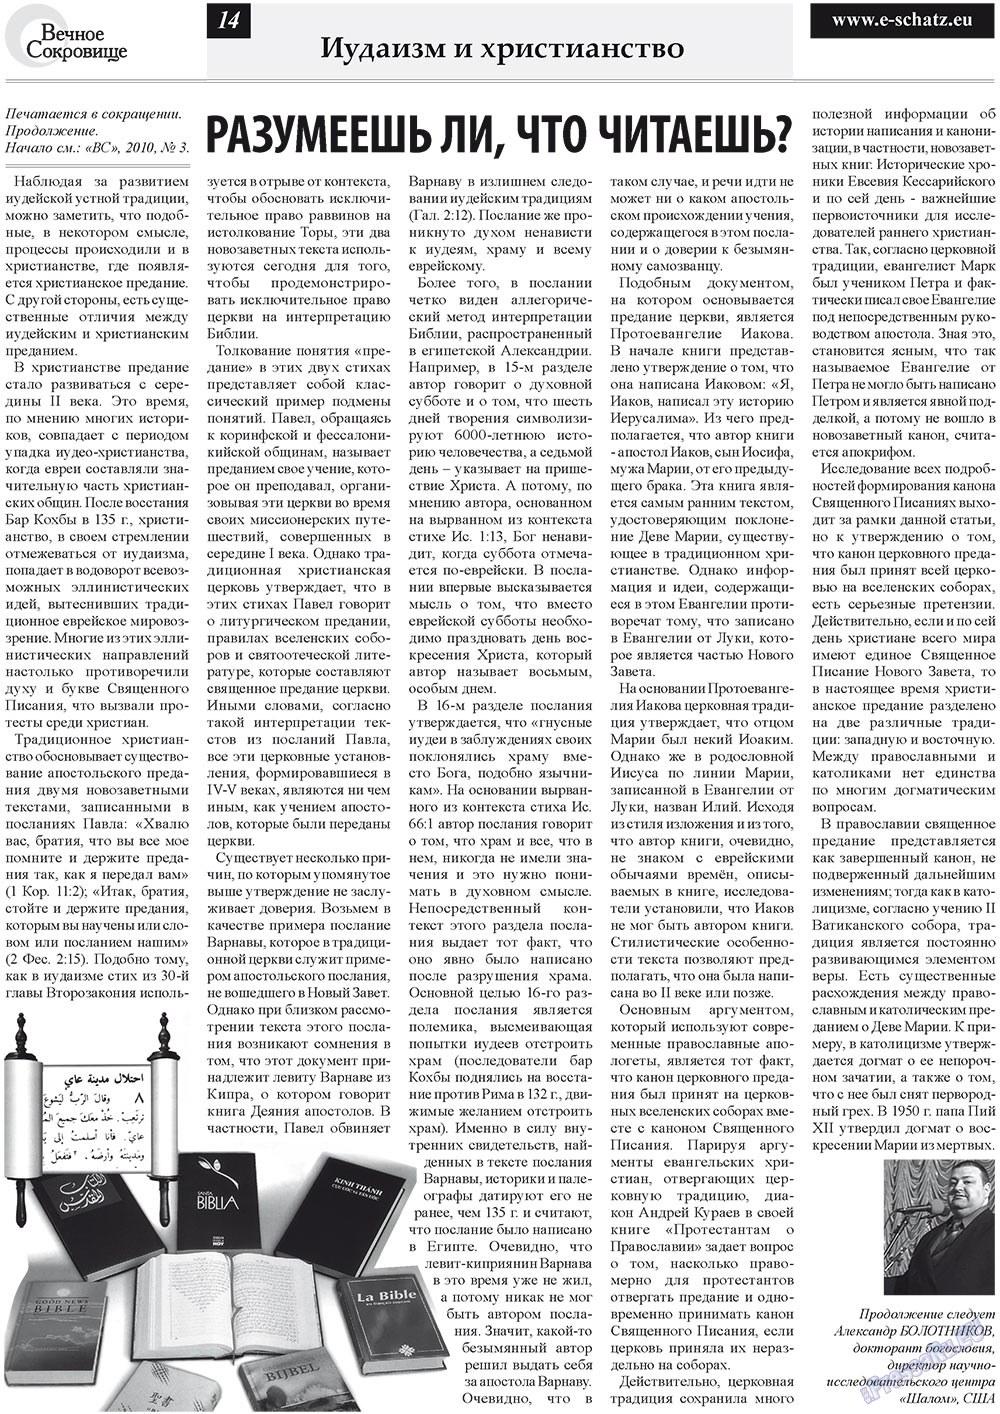 Вечное сокровище (газета). 2010 год, номер 4, стр. 14